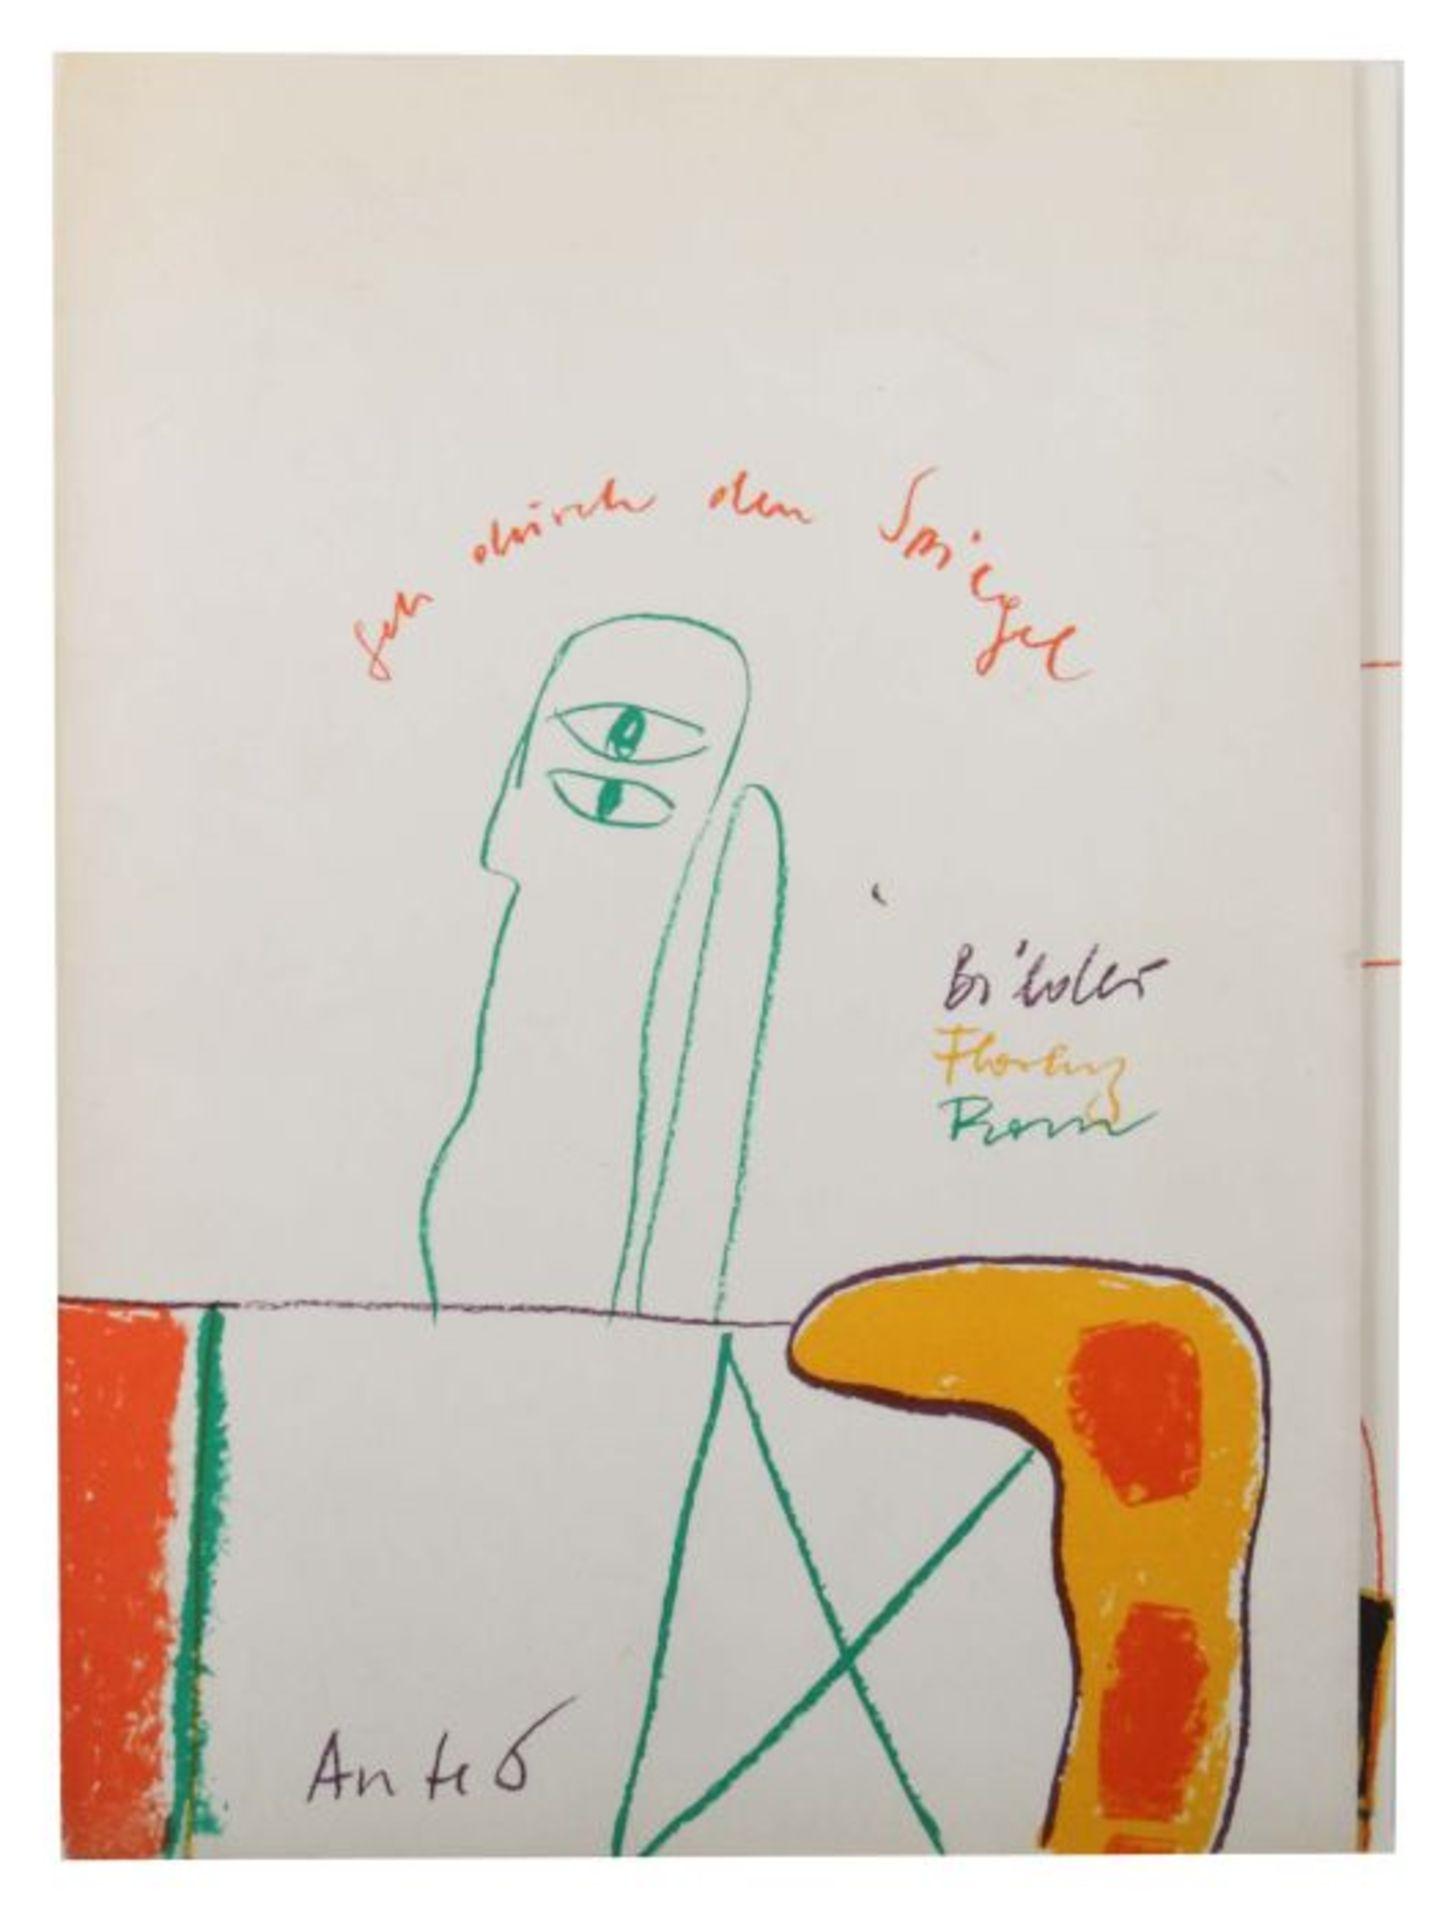 Antes, Horst Geh durch den Spiegel, Folge 36, Bilder aus Florenz und Rom, 1963, Auflage: 250